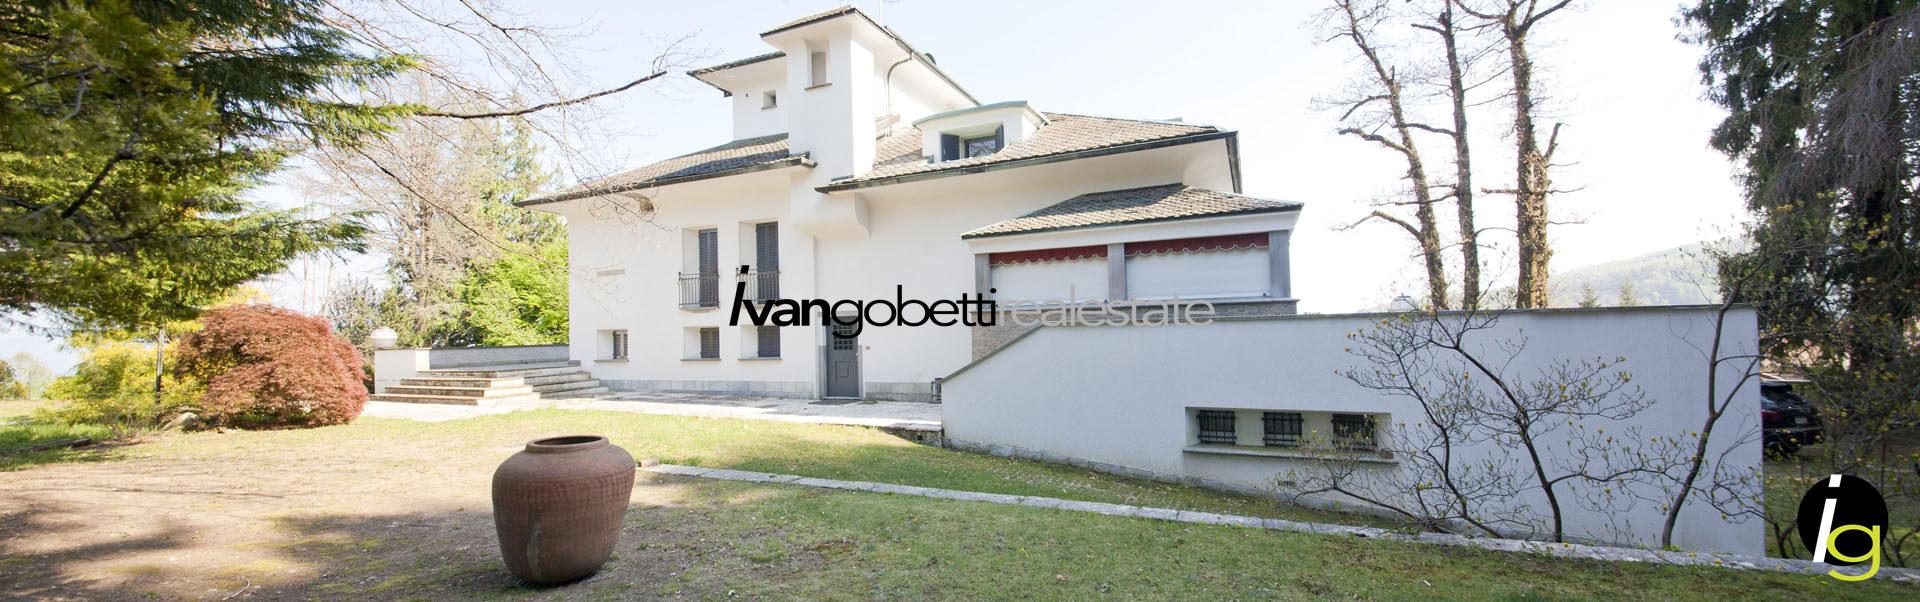 Prestigiosa villa sul Lago Maggiore con parco e vista panoramica